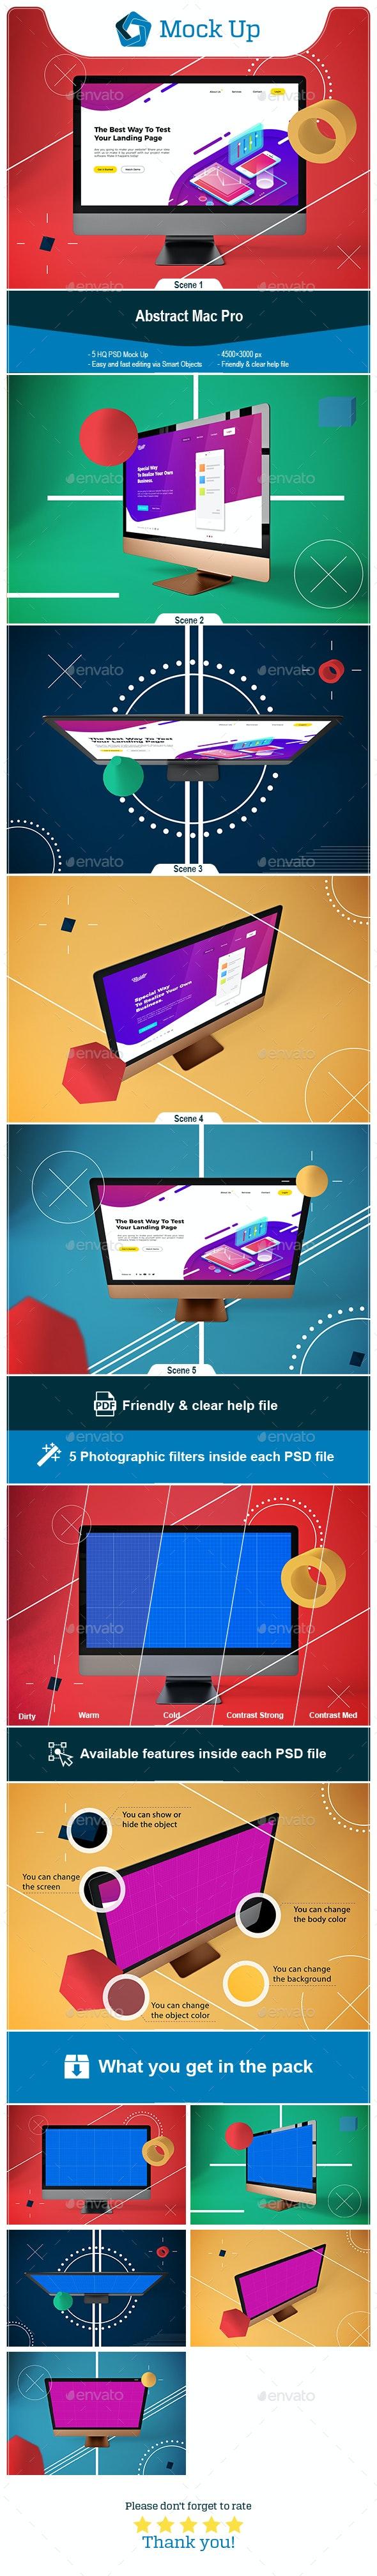 Abstract Mac Pro MockUp - Monitors Displays